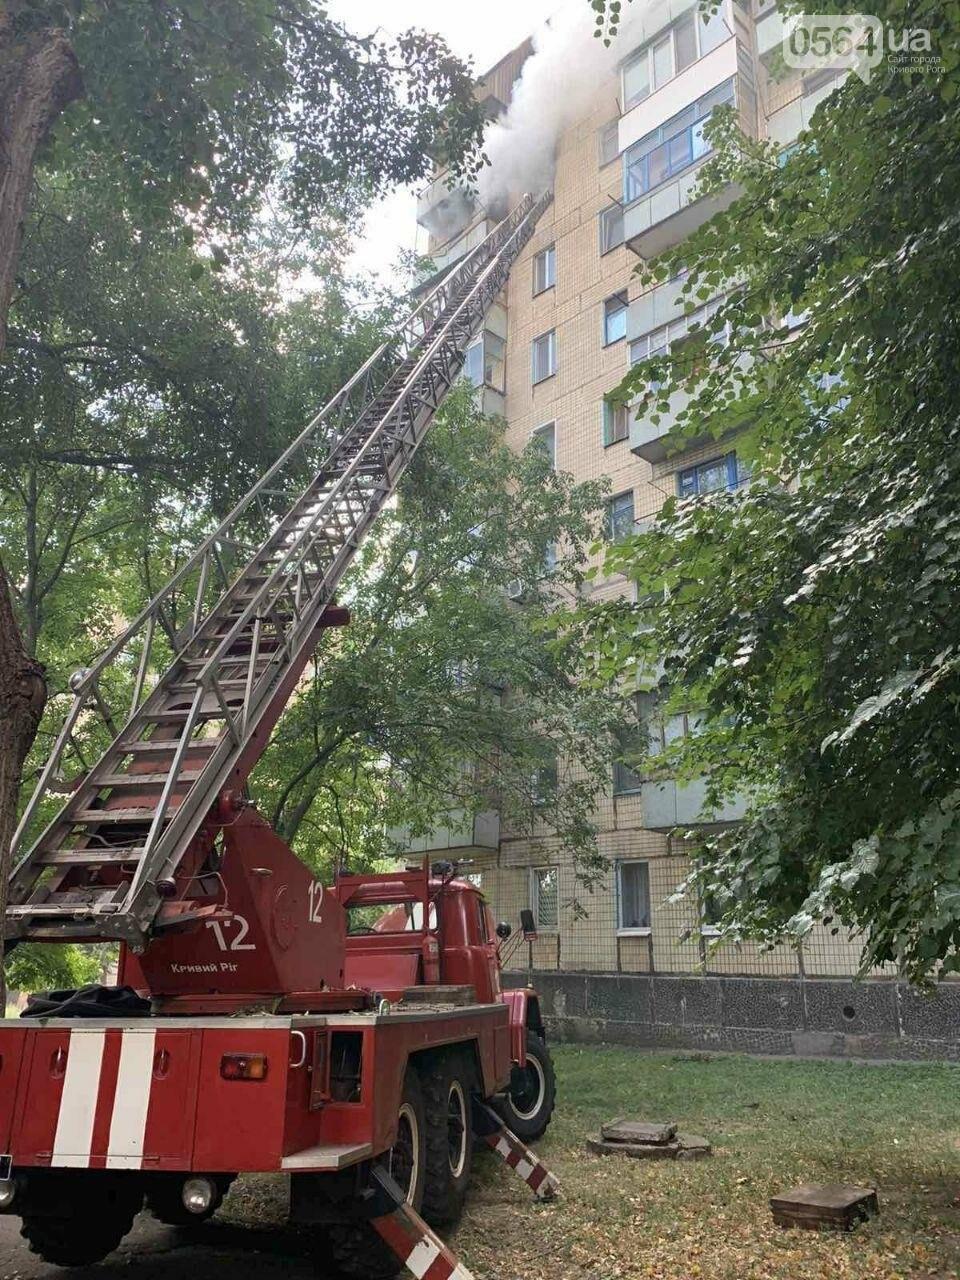 Во время пожара в криворожской многоэтажке спасли двоих людей, - ФОТО , фото-2